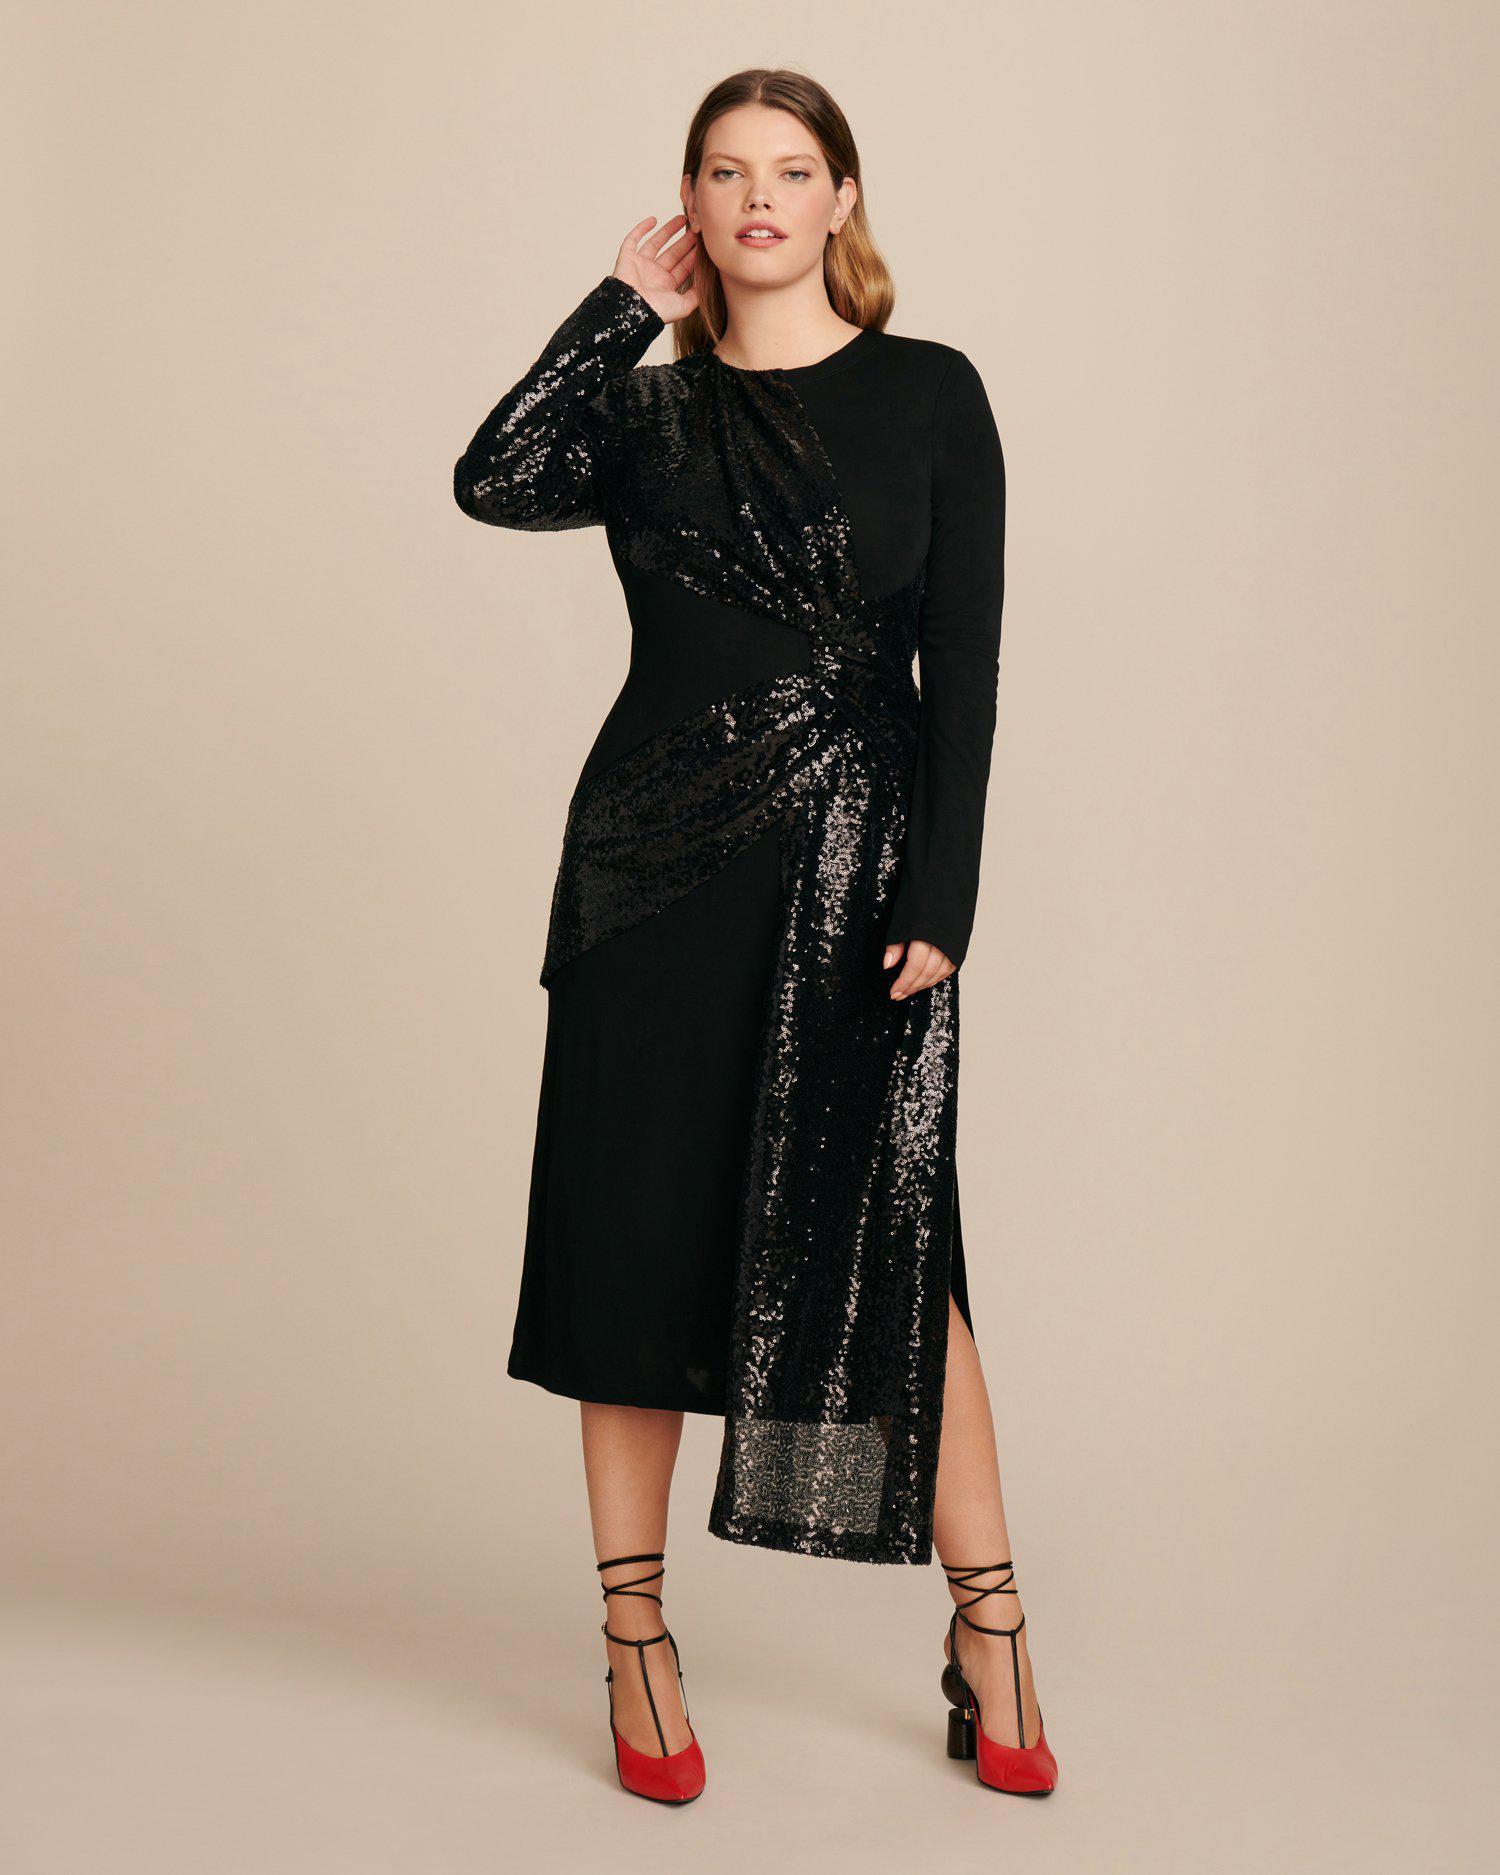 0a33c83150d Prabal Gurung. Women's Black Shilu Twist Front Dress. $1,395 From 11 Honoré